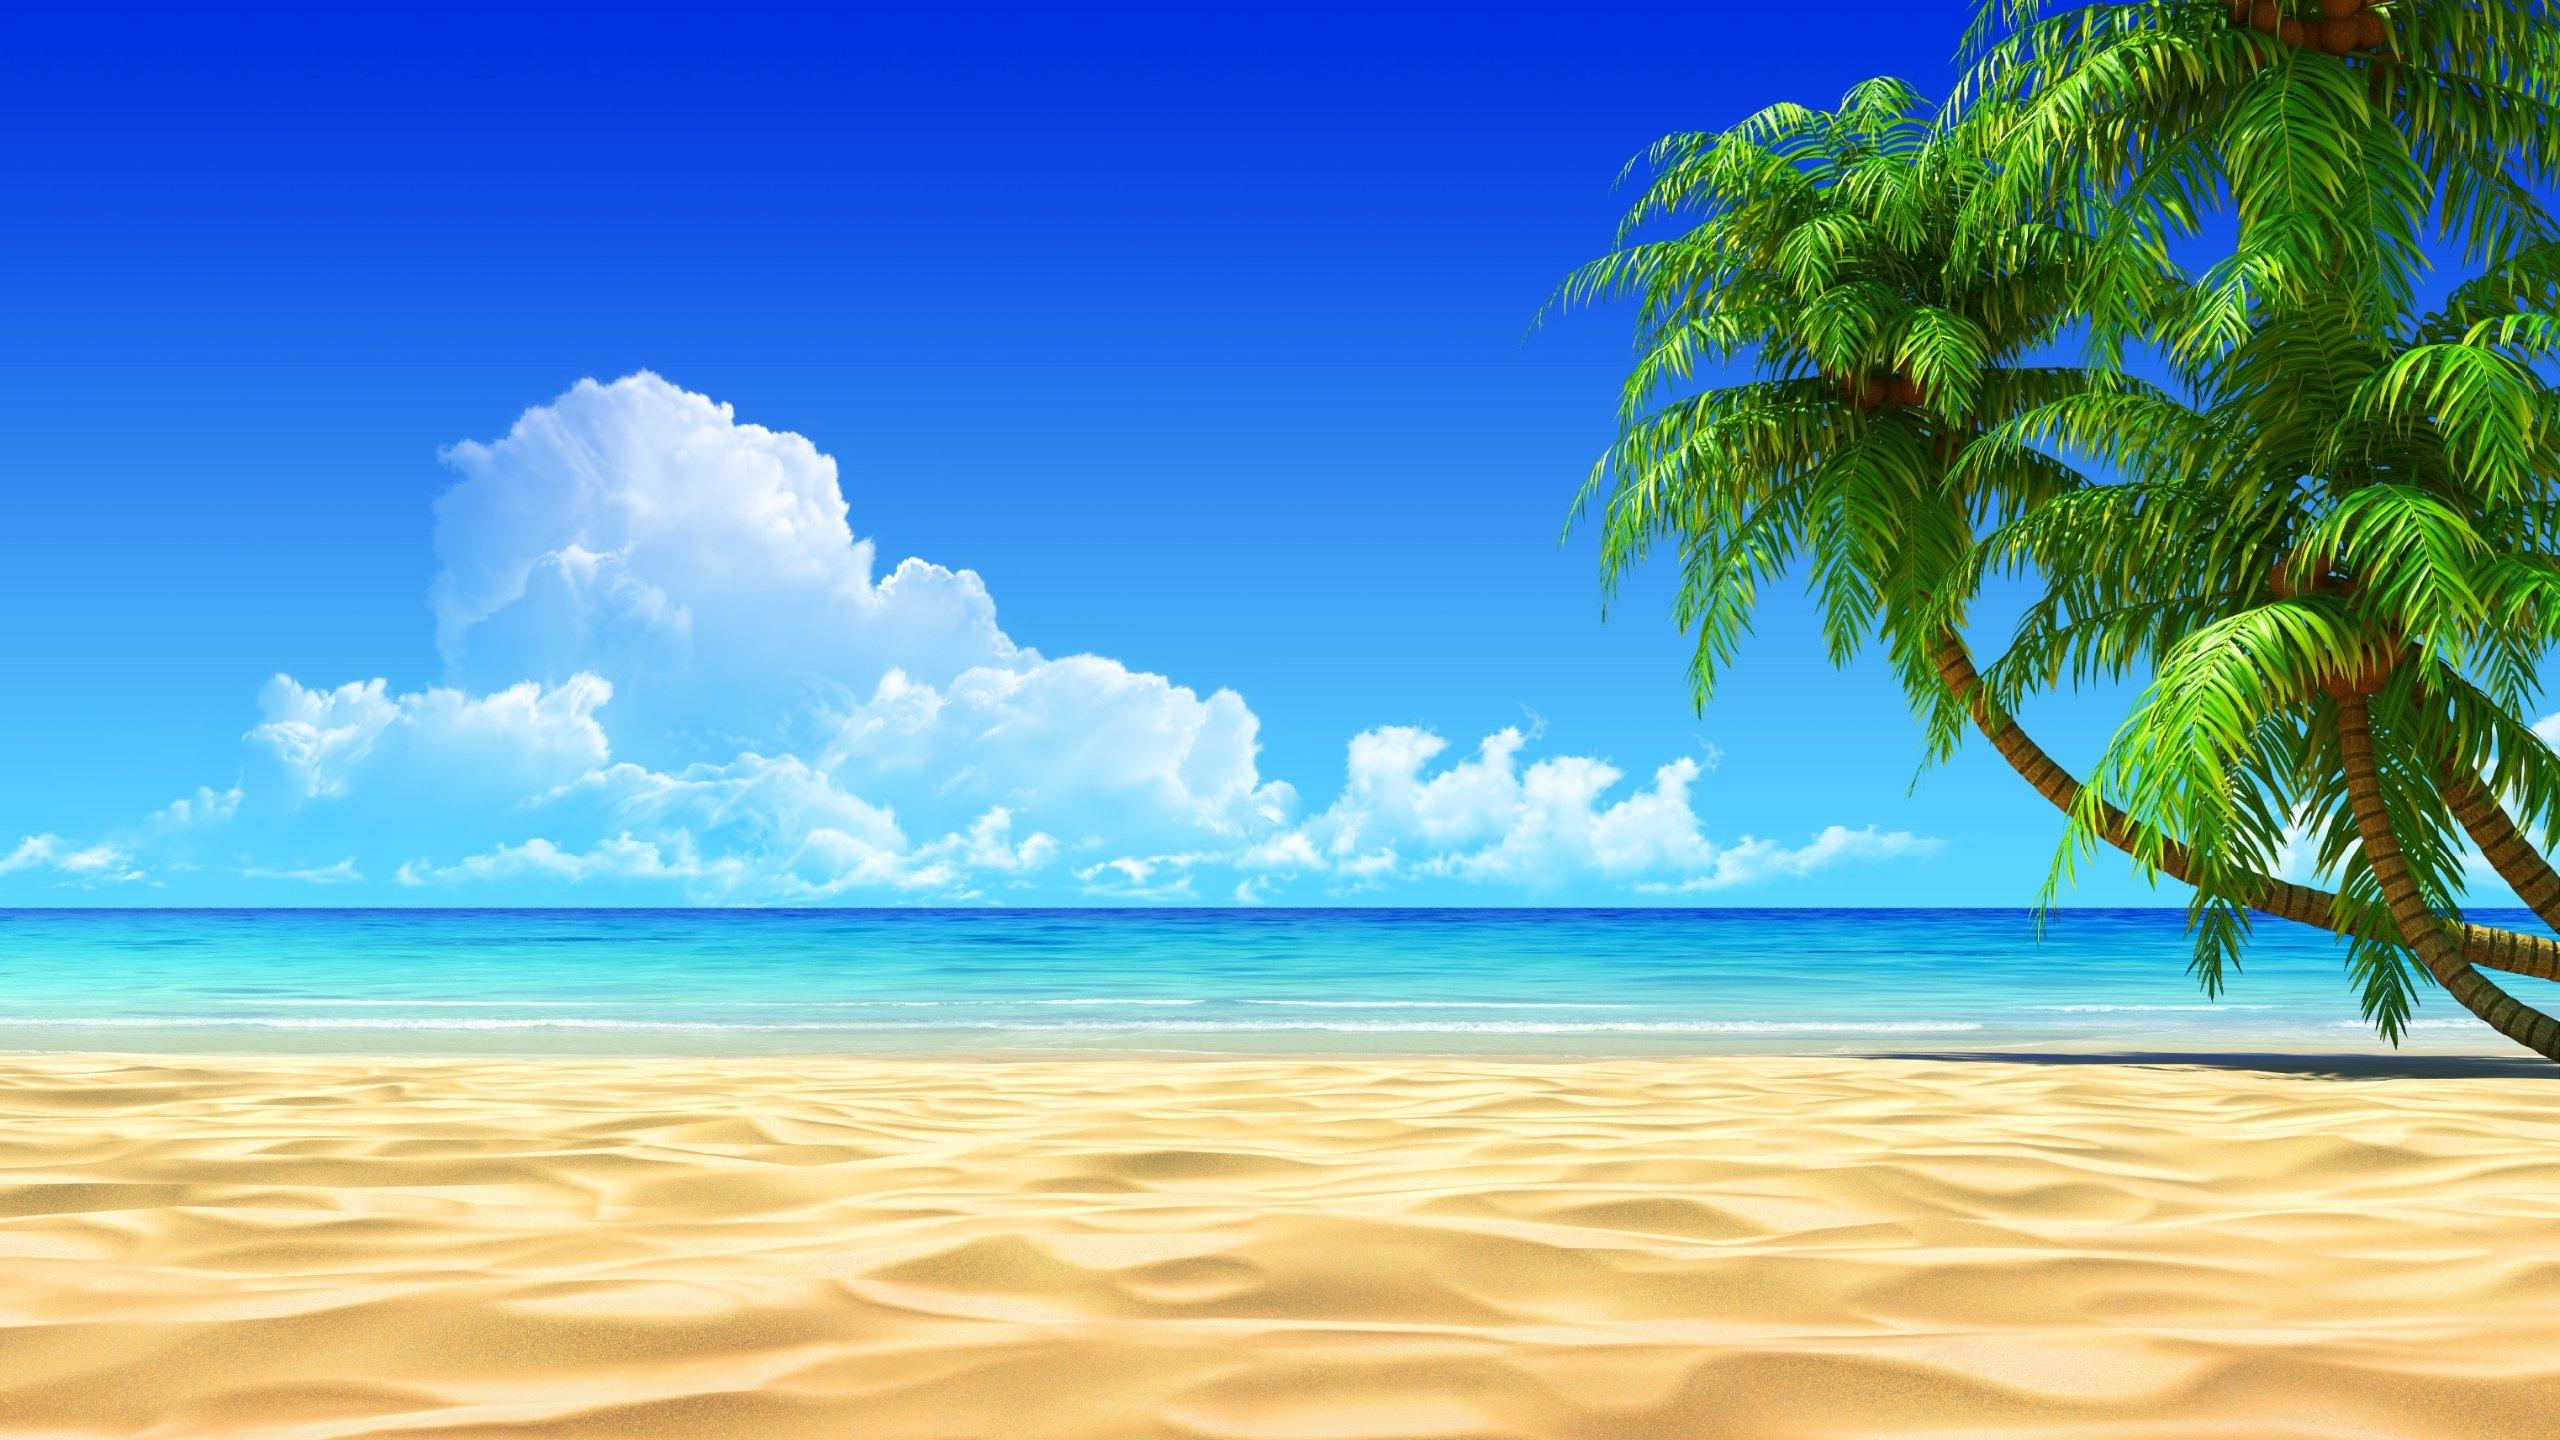 palm trees on a sandy beach - walldevil